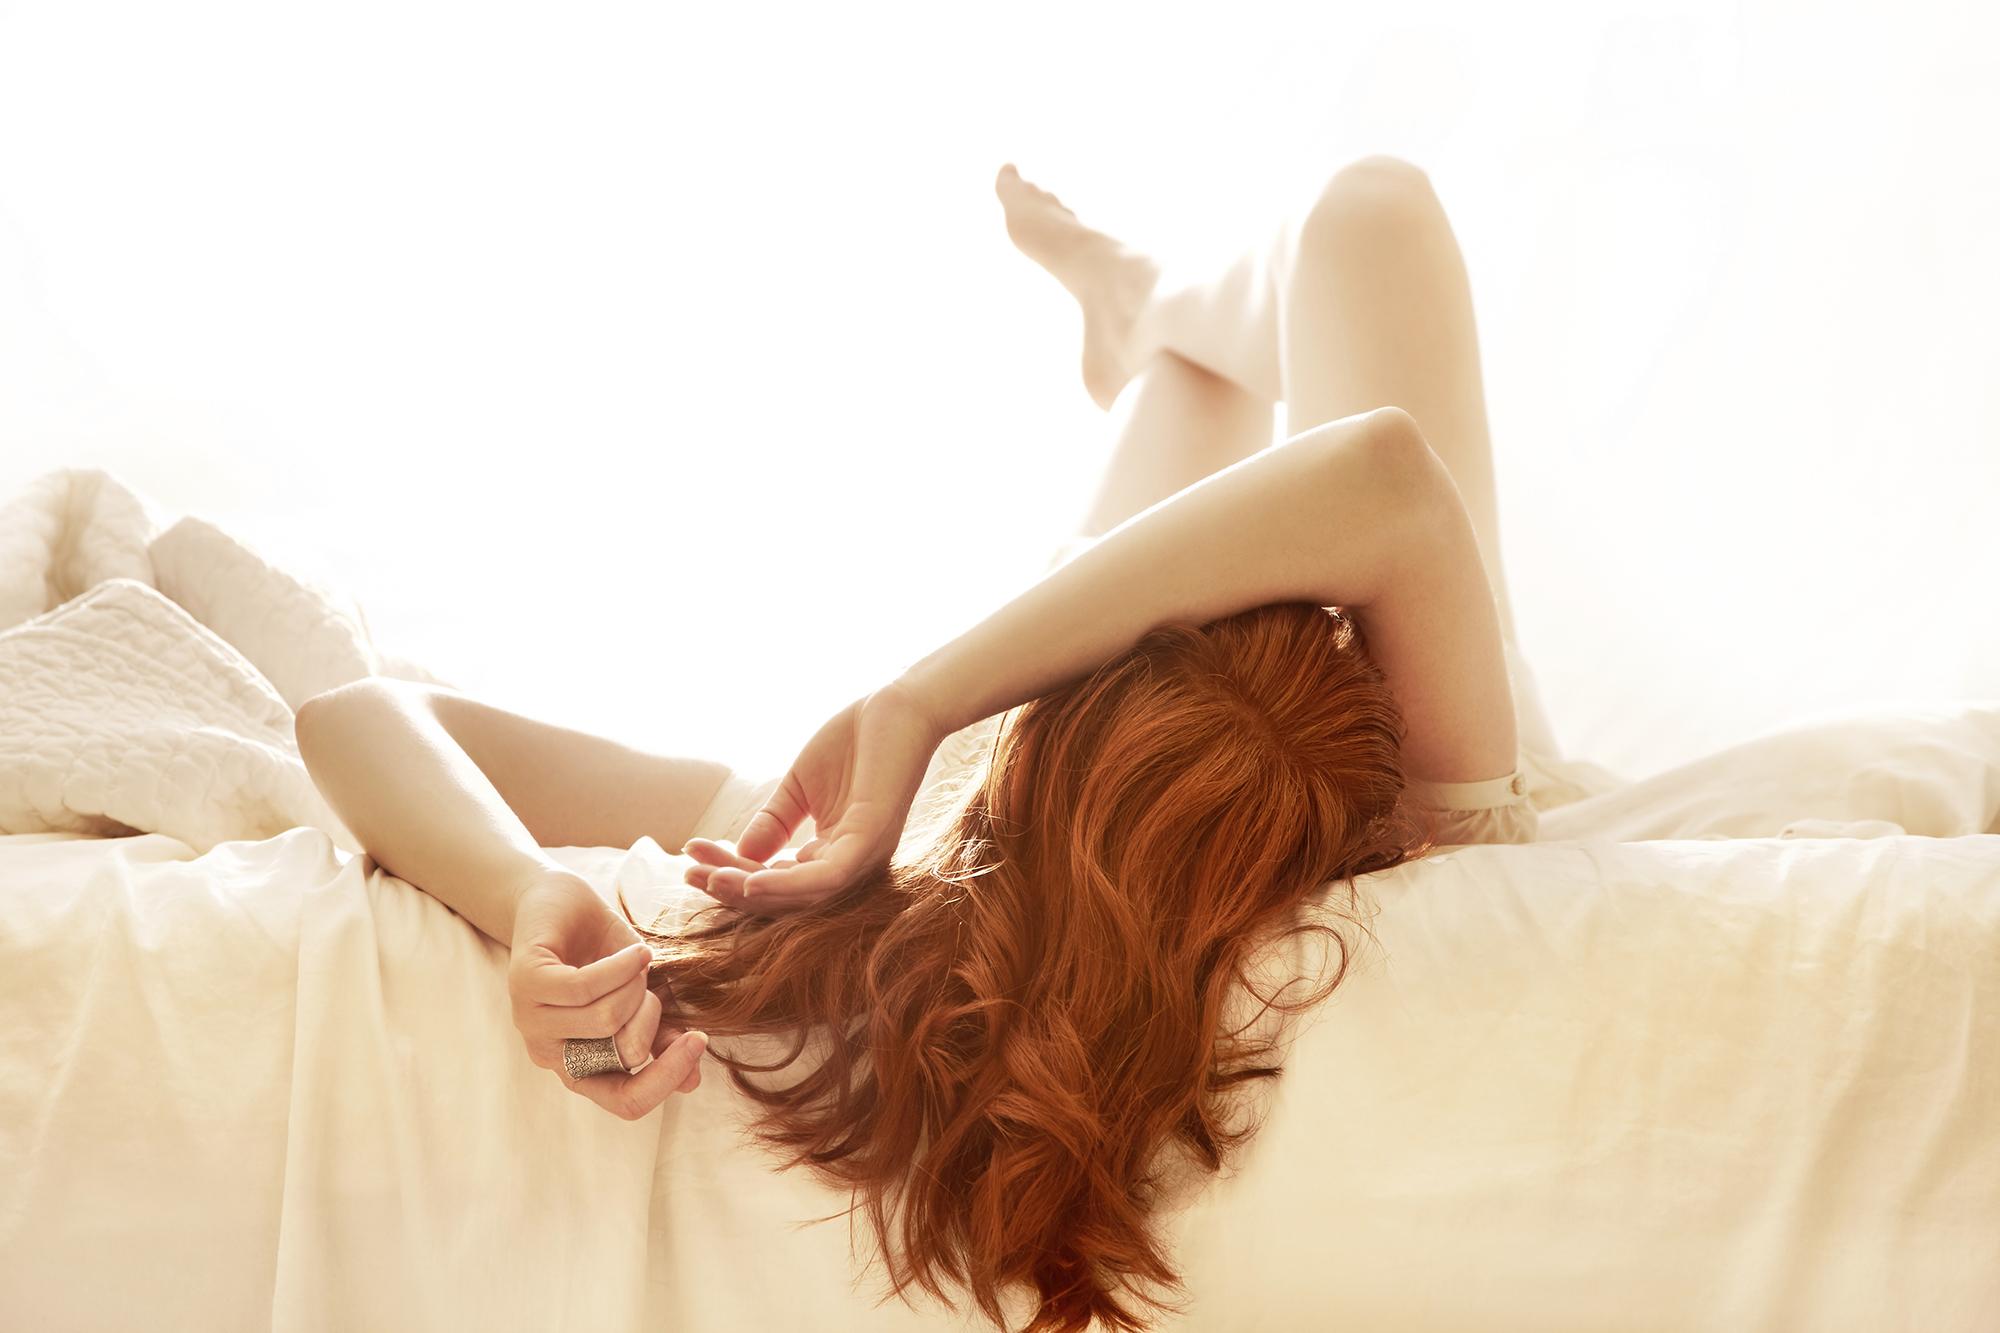 Zehn Tipps fr perfekte Nchte So verbessern Sie Ihr Sexleben